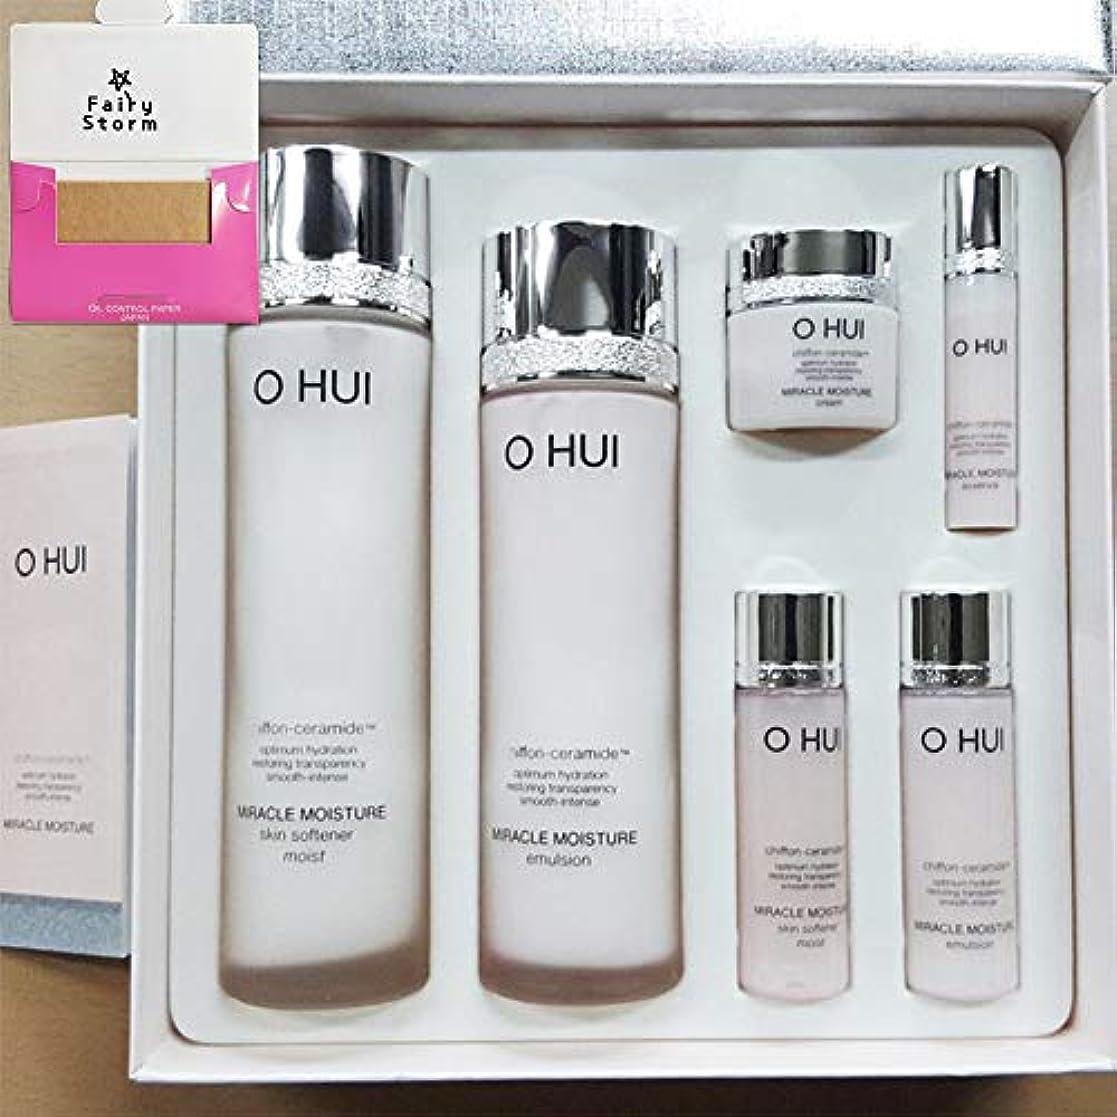 サイレン予言する勝つ[オフィ/ O HUI]韓国化粧品 LG生活健康/ O HUI MIRACLE MOISTURE SPECIAL SET/ミラクルモイスチャー スペシャル 2種 企画セット + [Sample Gift](海外直送品)